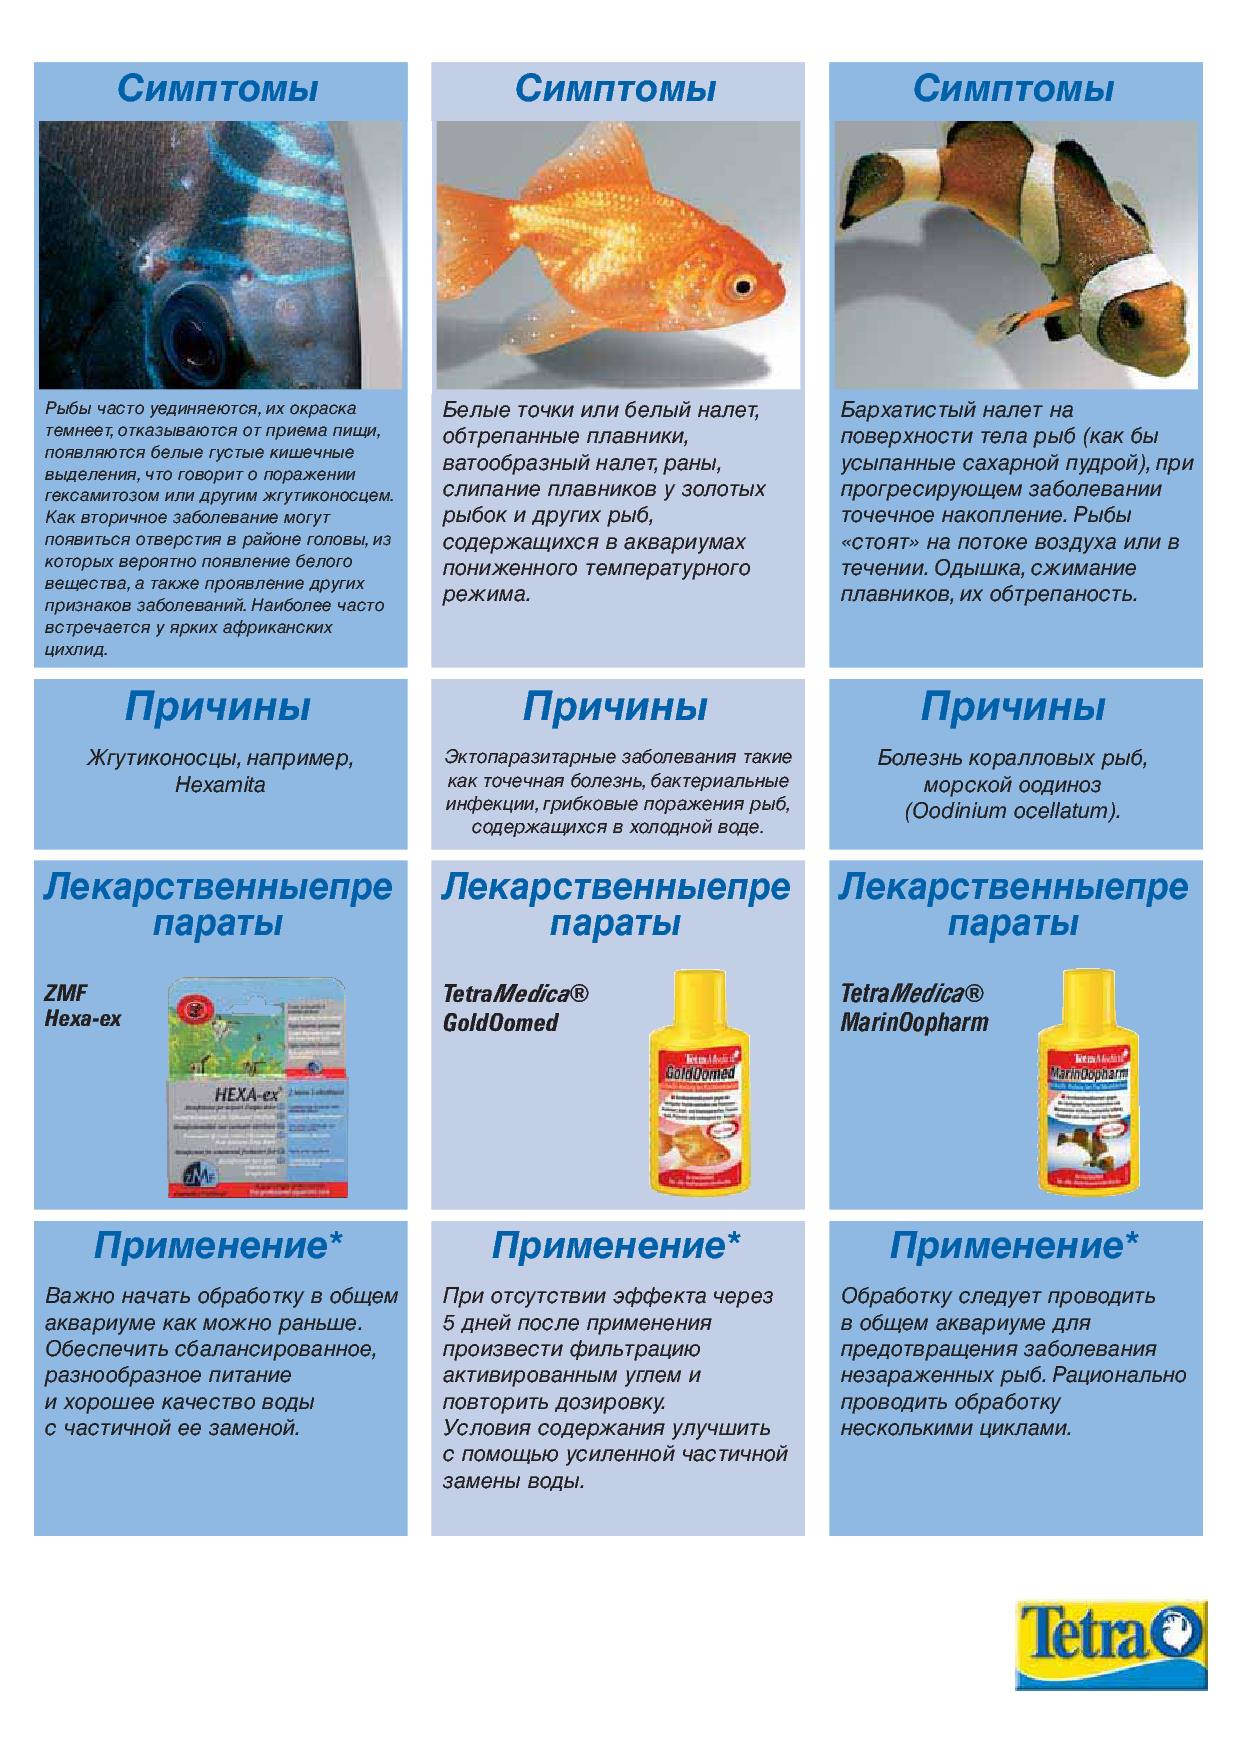 нитраты лекарственные препараты механизм действия